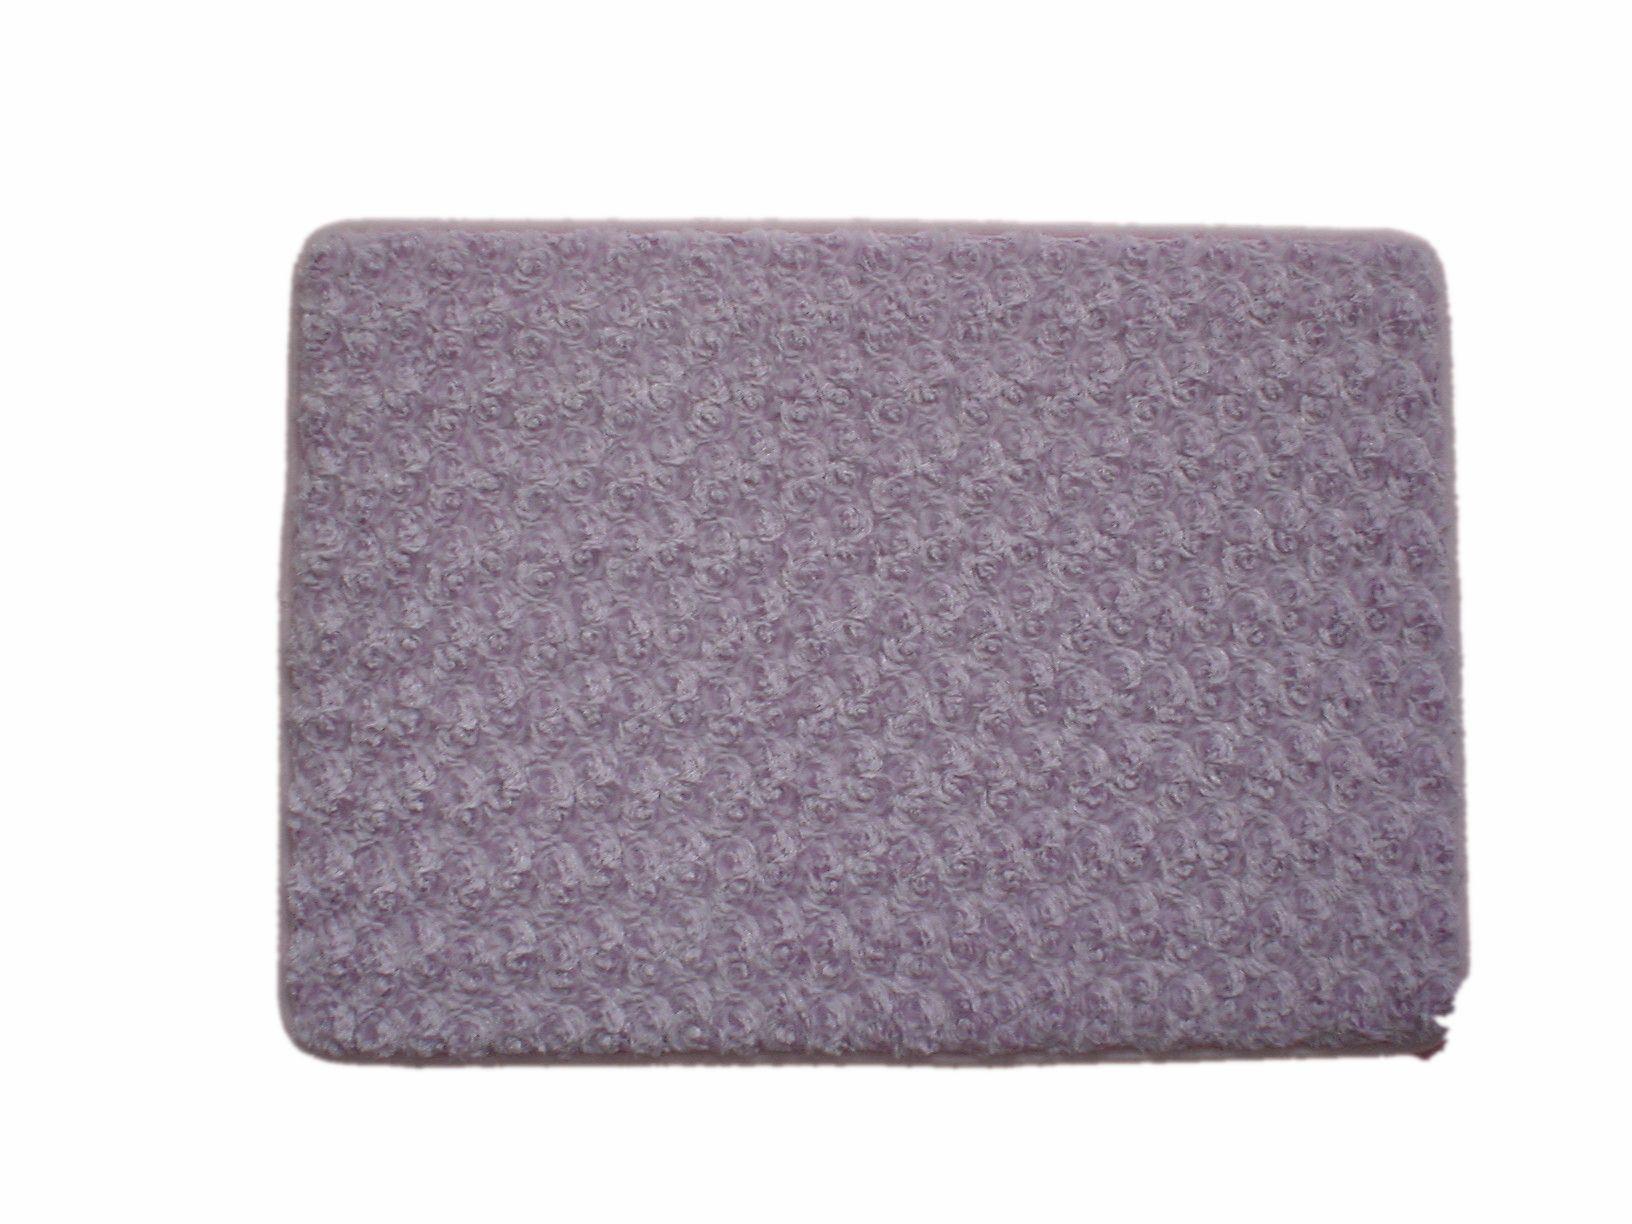 Memory foam mats